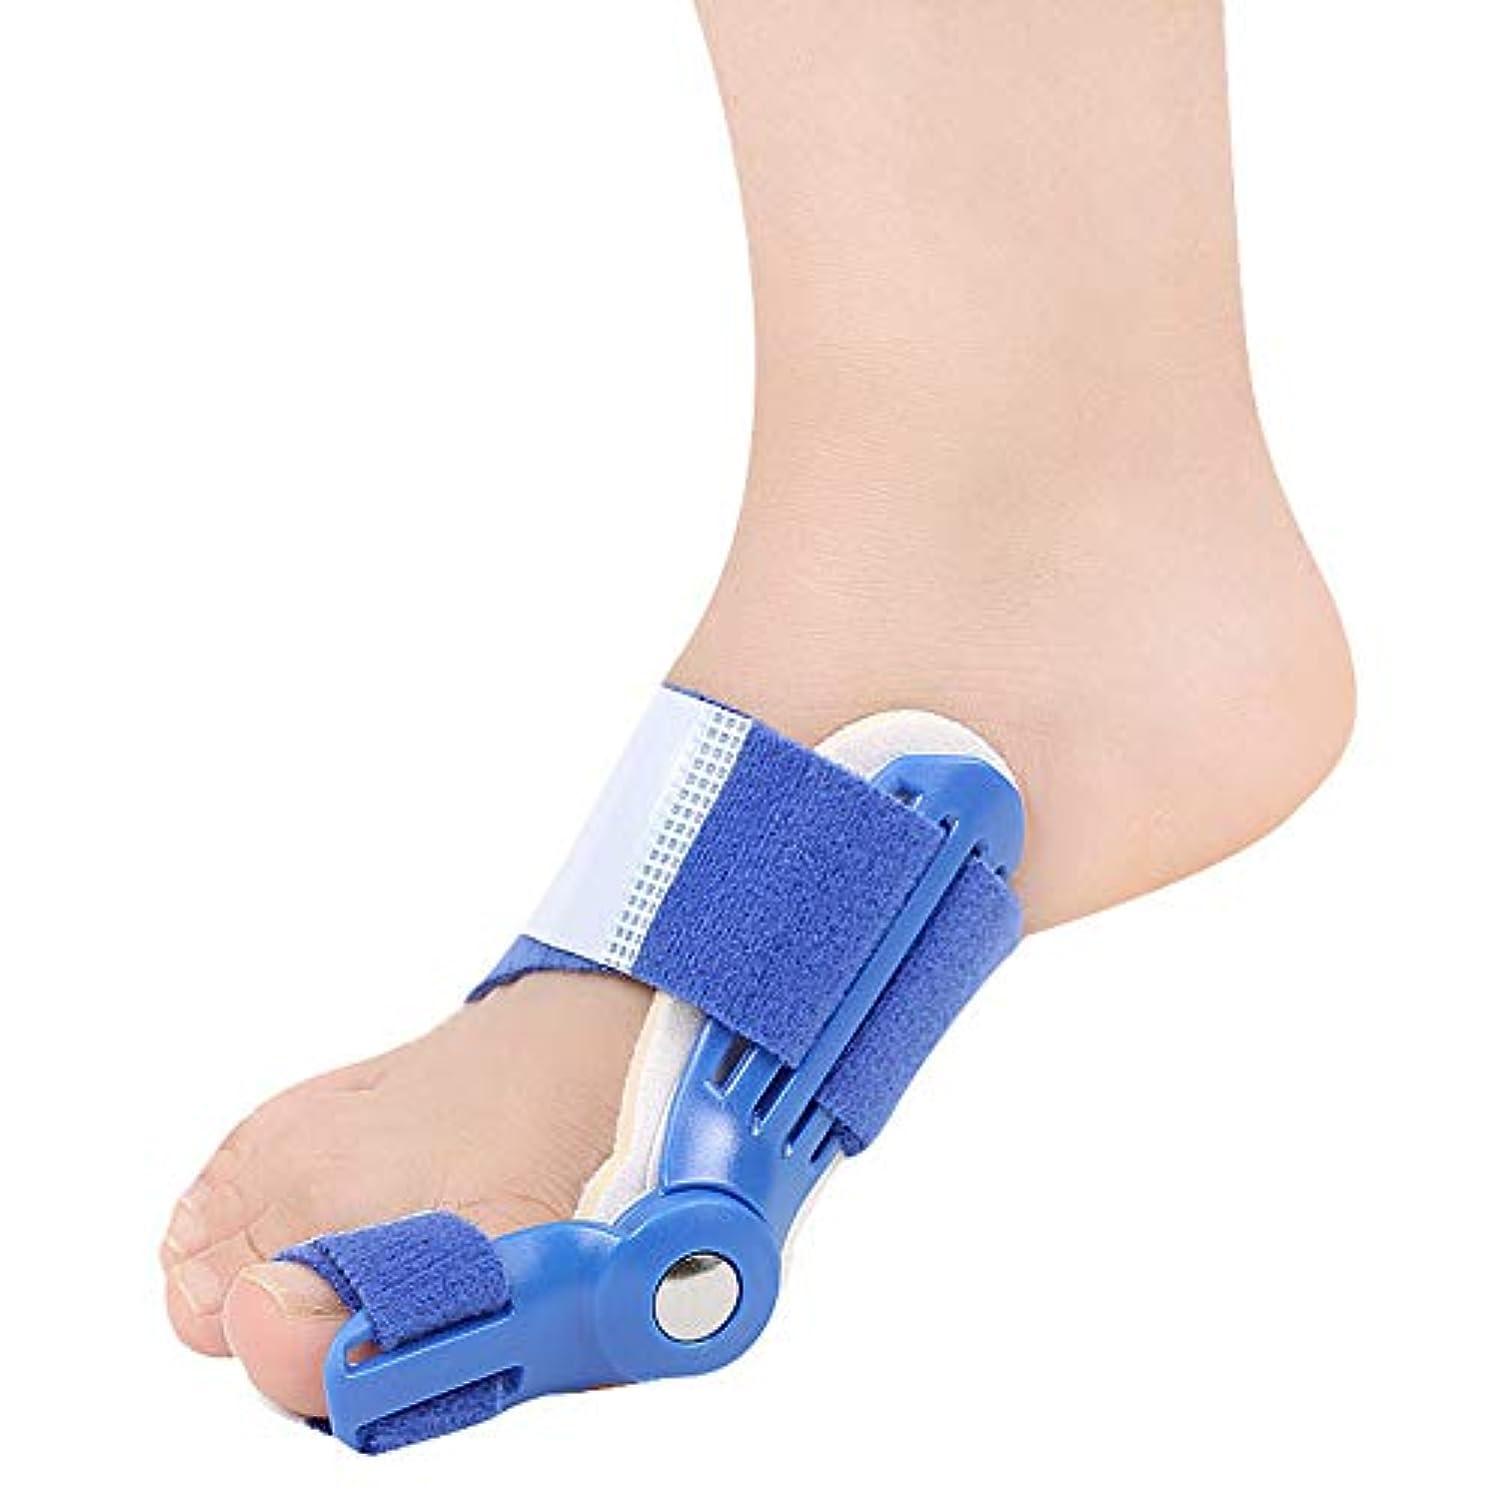 ポルティコ概要肖像画つま先セパレーターは、ヨガのエクササイズ後のつま先重なりの腱板ユニバーサル左右ワンサイズ予防の痛みと変形を防ぎます,ブルー